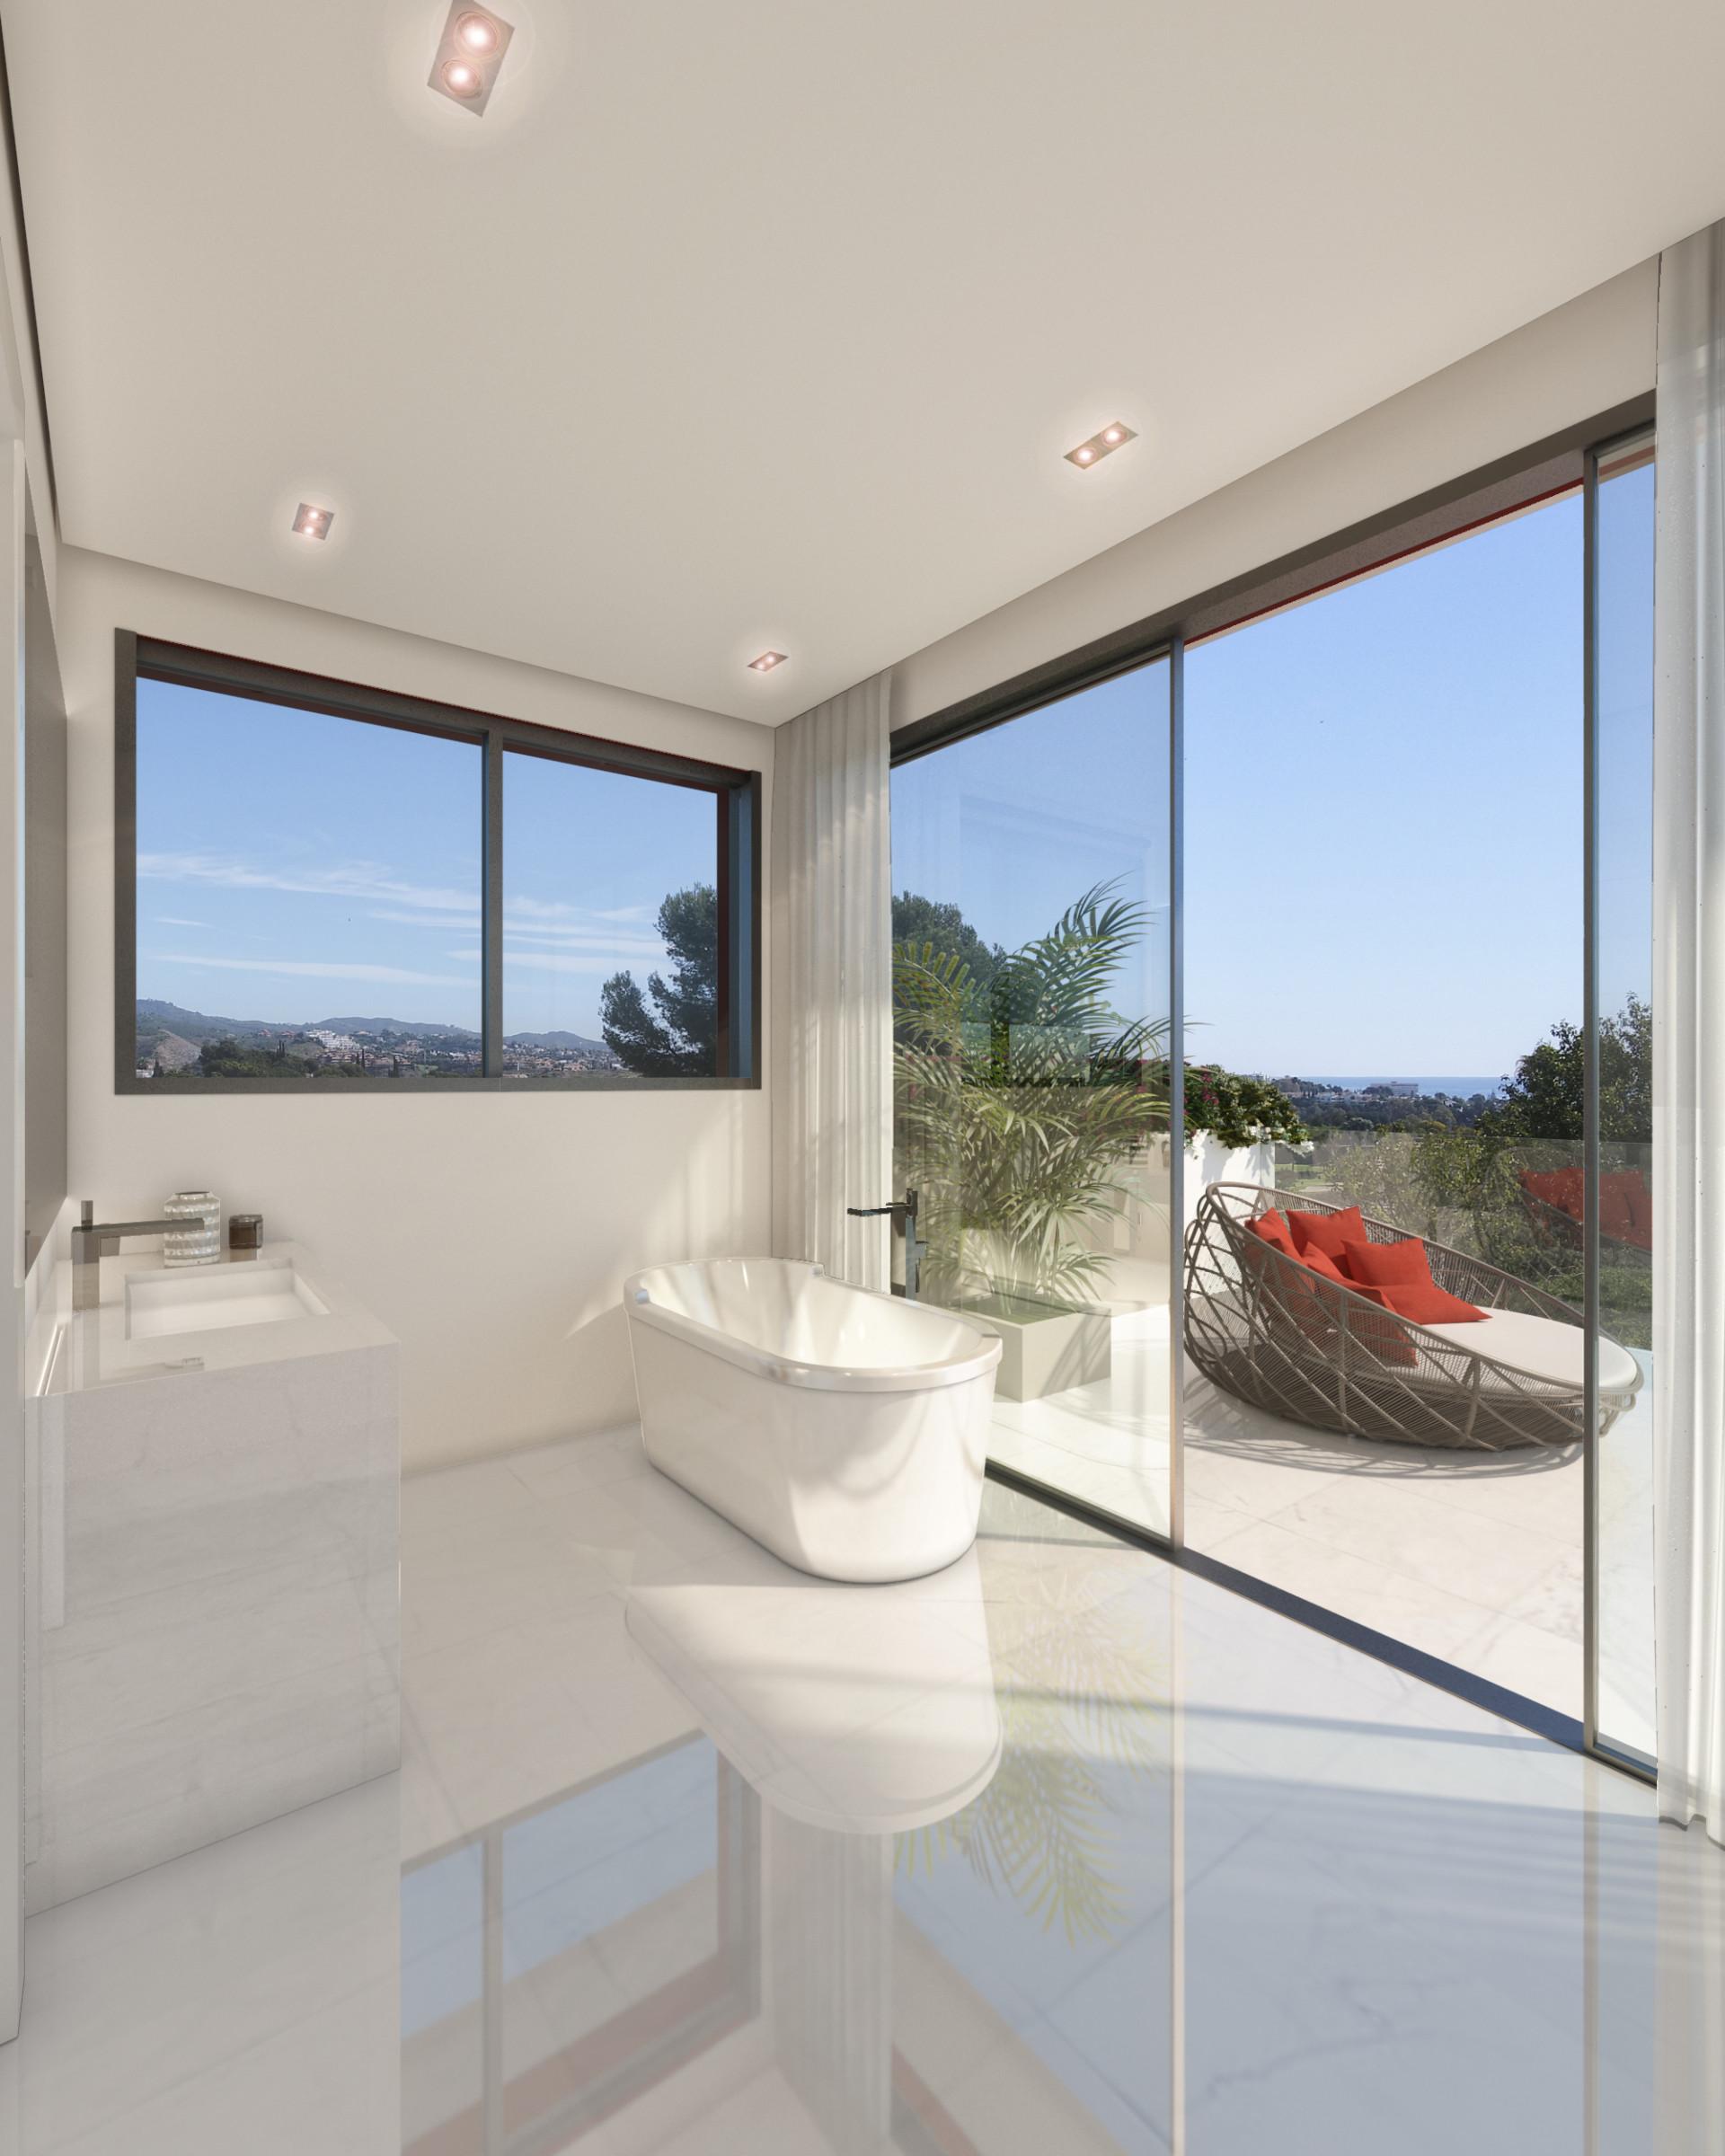 ARFA1406 - Neubauprojekt für moderne Luxuswohnungen zum Verkauf in Toplage in Rio Real in Marbella